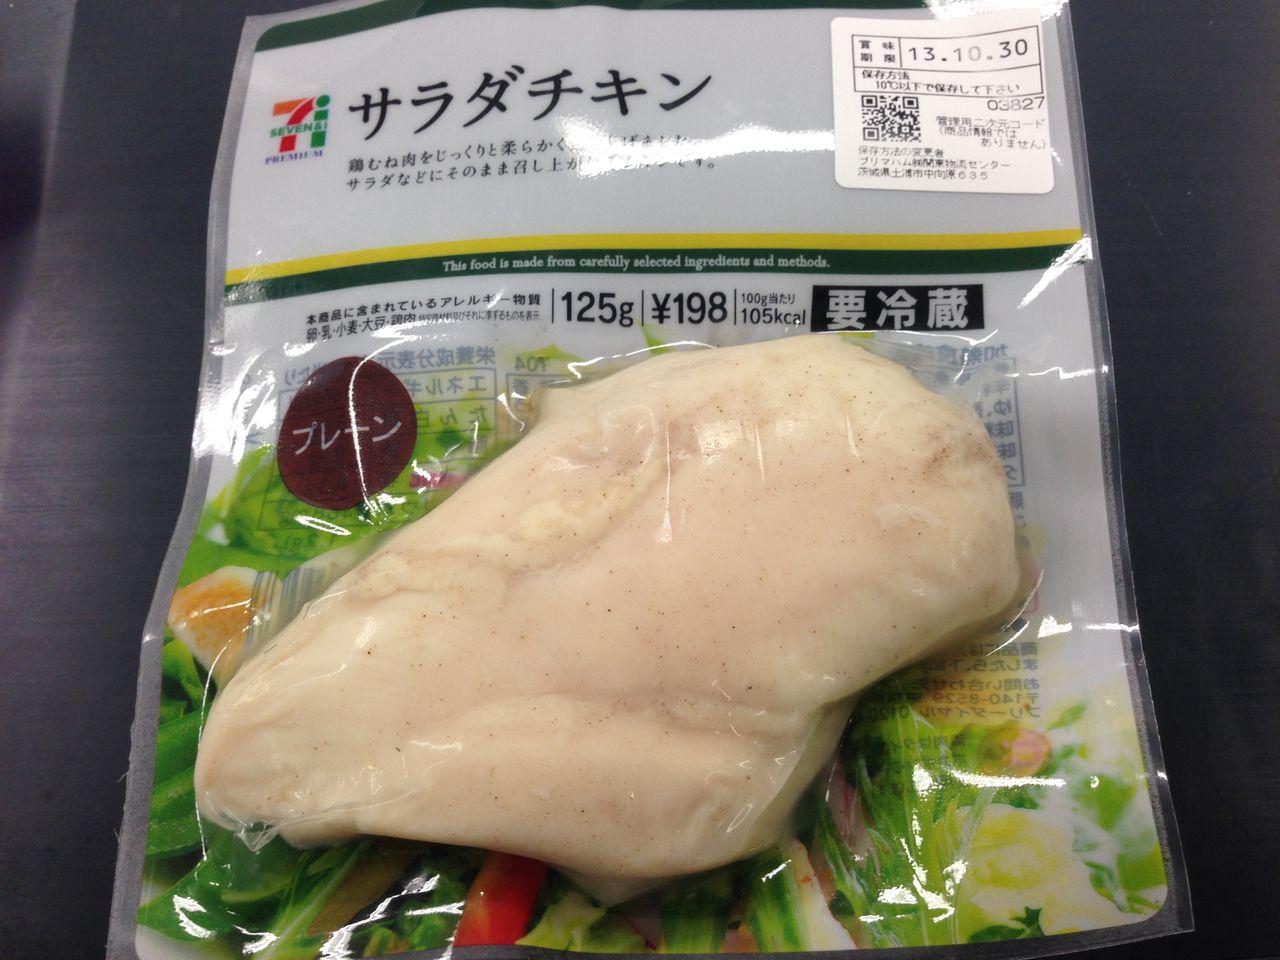 あのセブンイレブン「サラダチキン」を熱々、濃厚に美味しく食べる方法